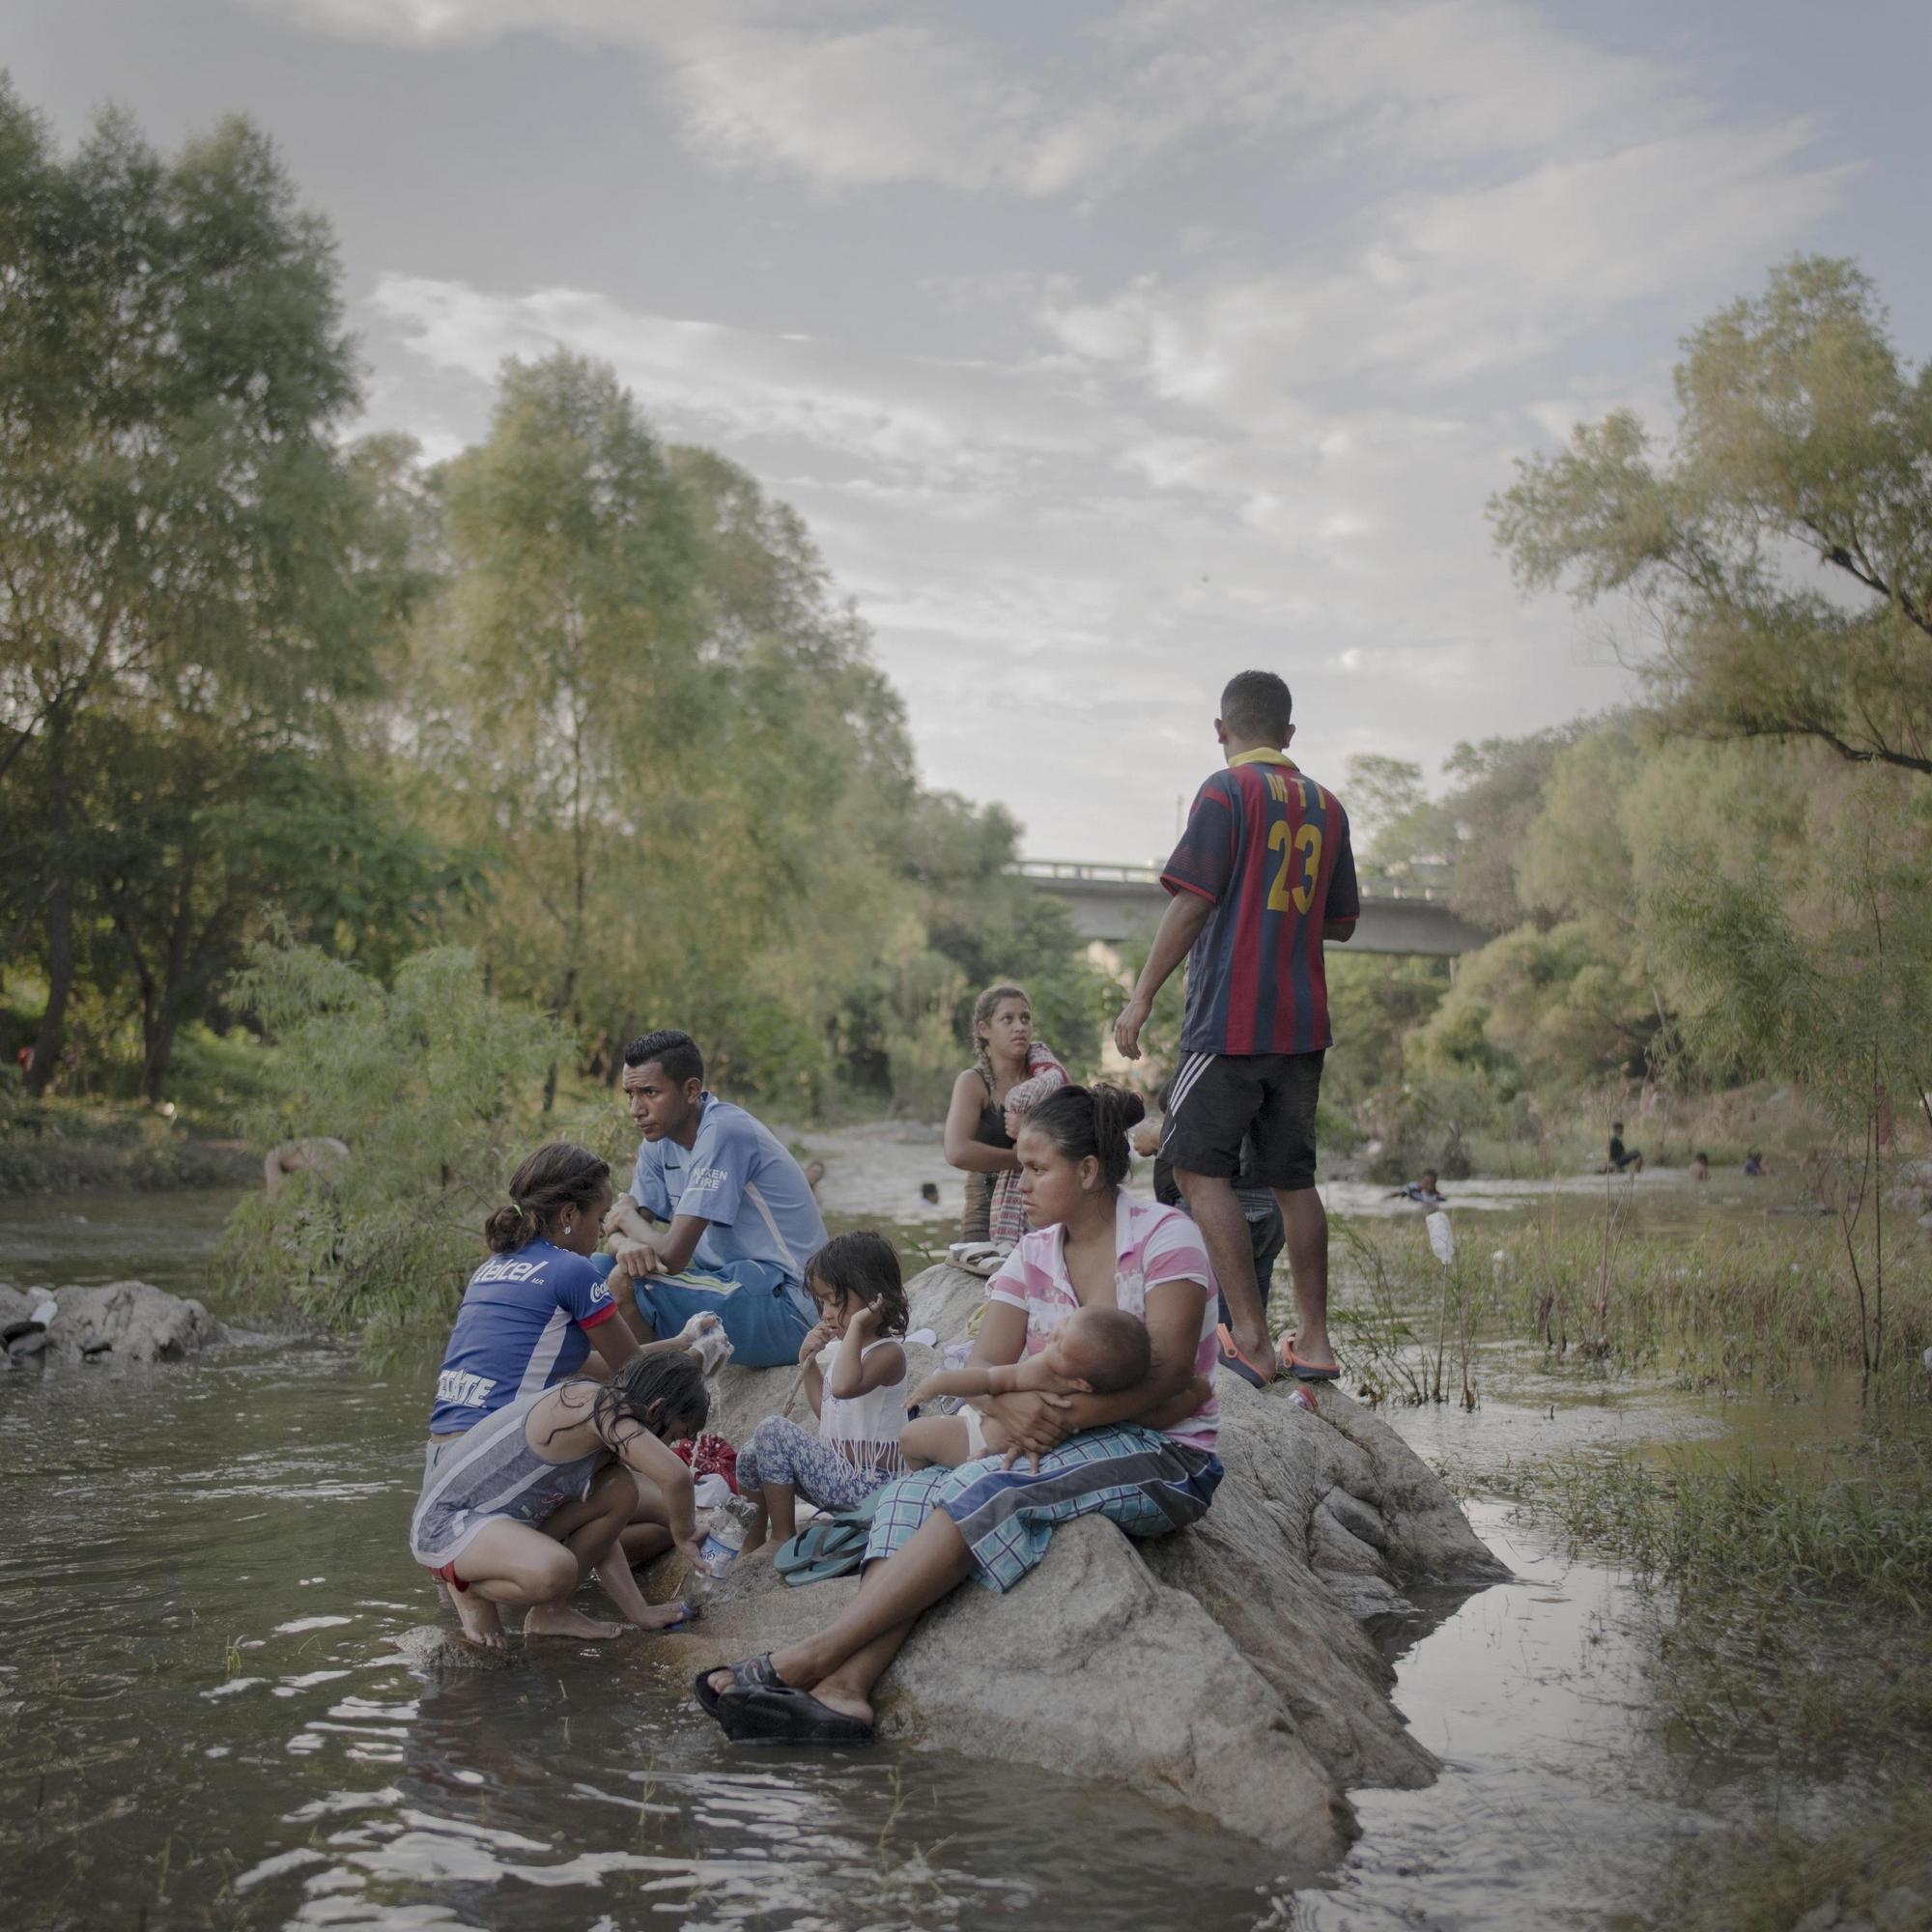 Una foto dalla storia 'La Carovana dei Migranti' di Pieter Ten Hoopen vincitrice del premio 'Storia dell'Anno 2019 al World Press Photo 2019 (Ansa)